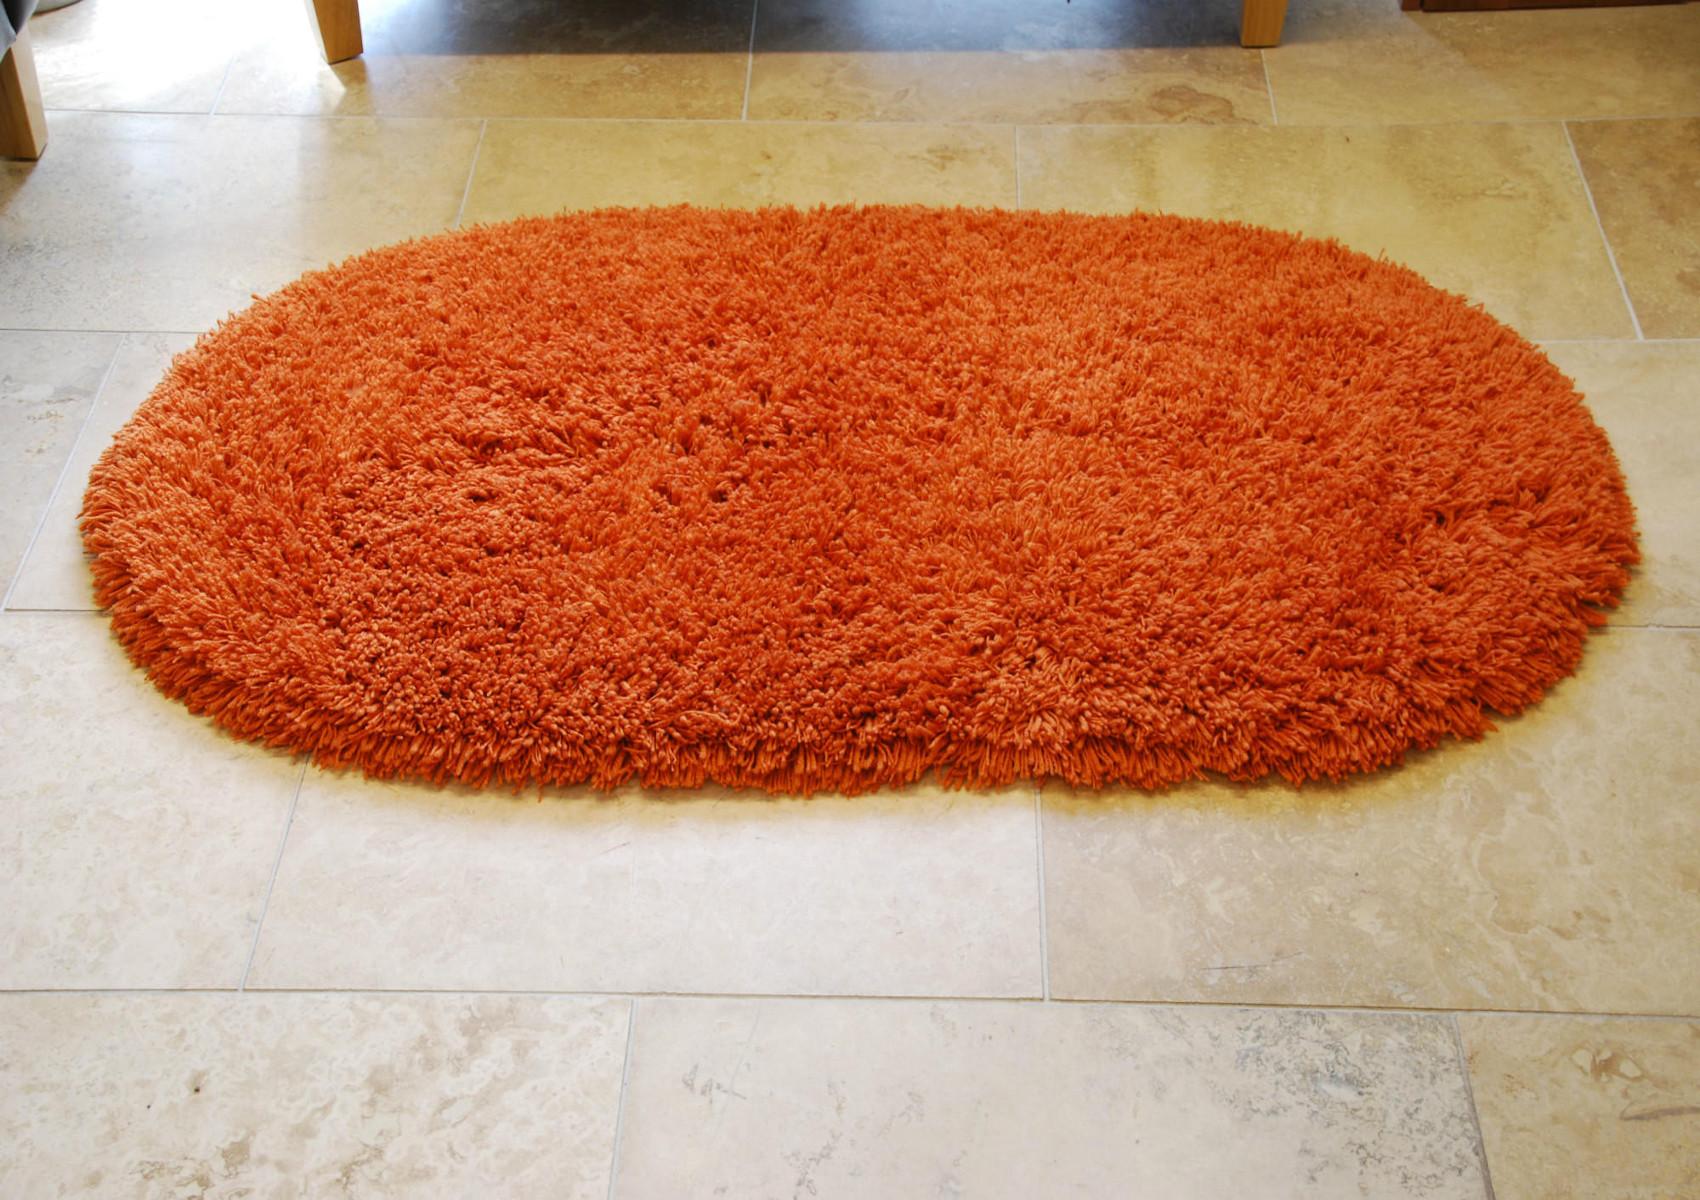 Rainbow Washable Contemporary Oval Floor Rug Shaggy Pile